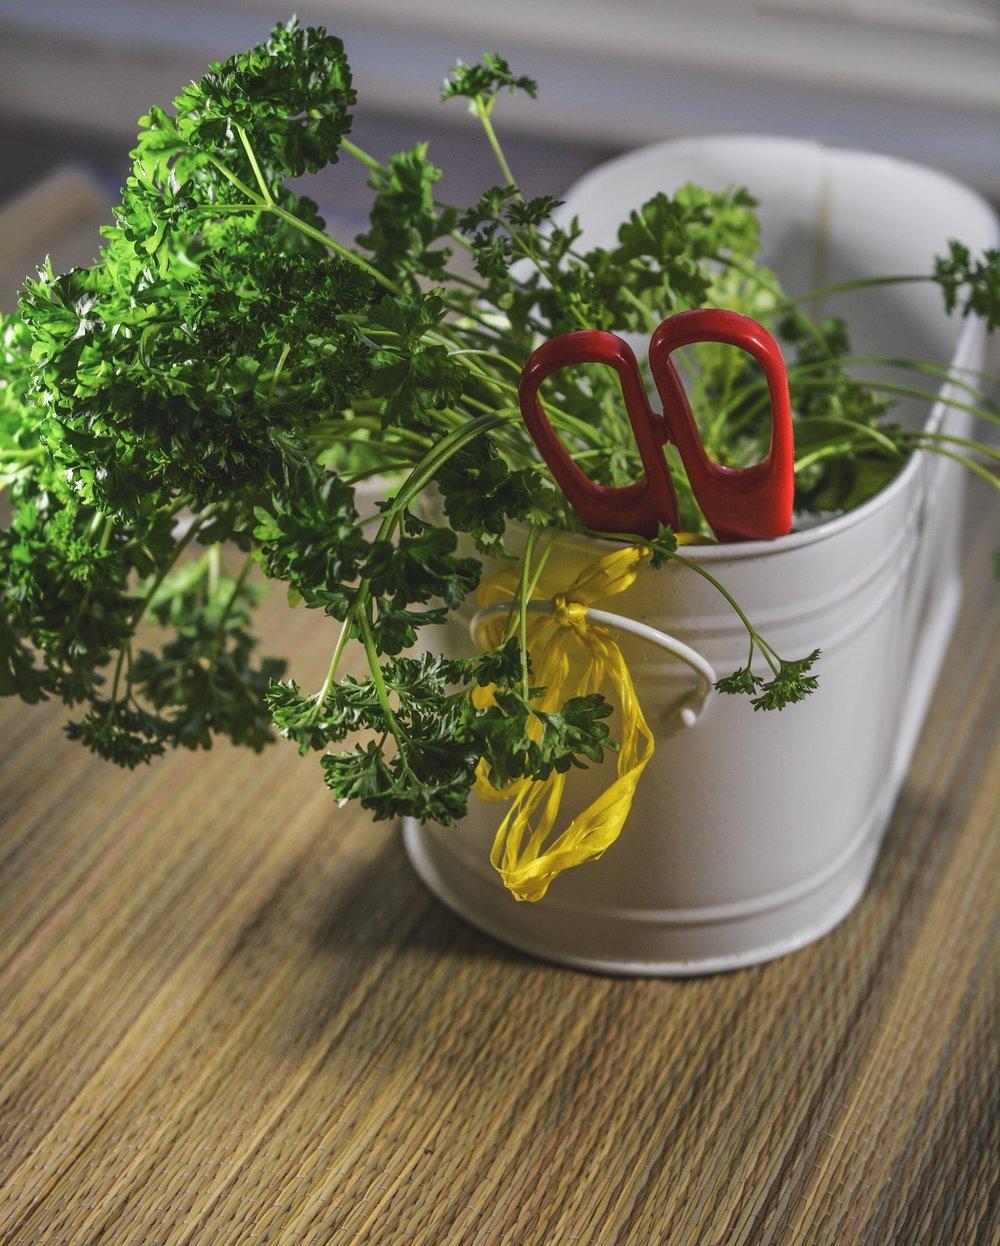 herbs-1007053_1920.jpg